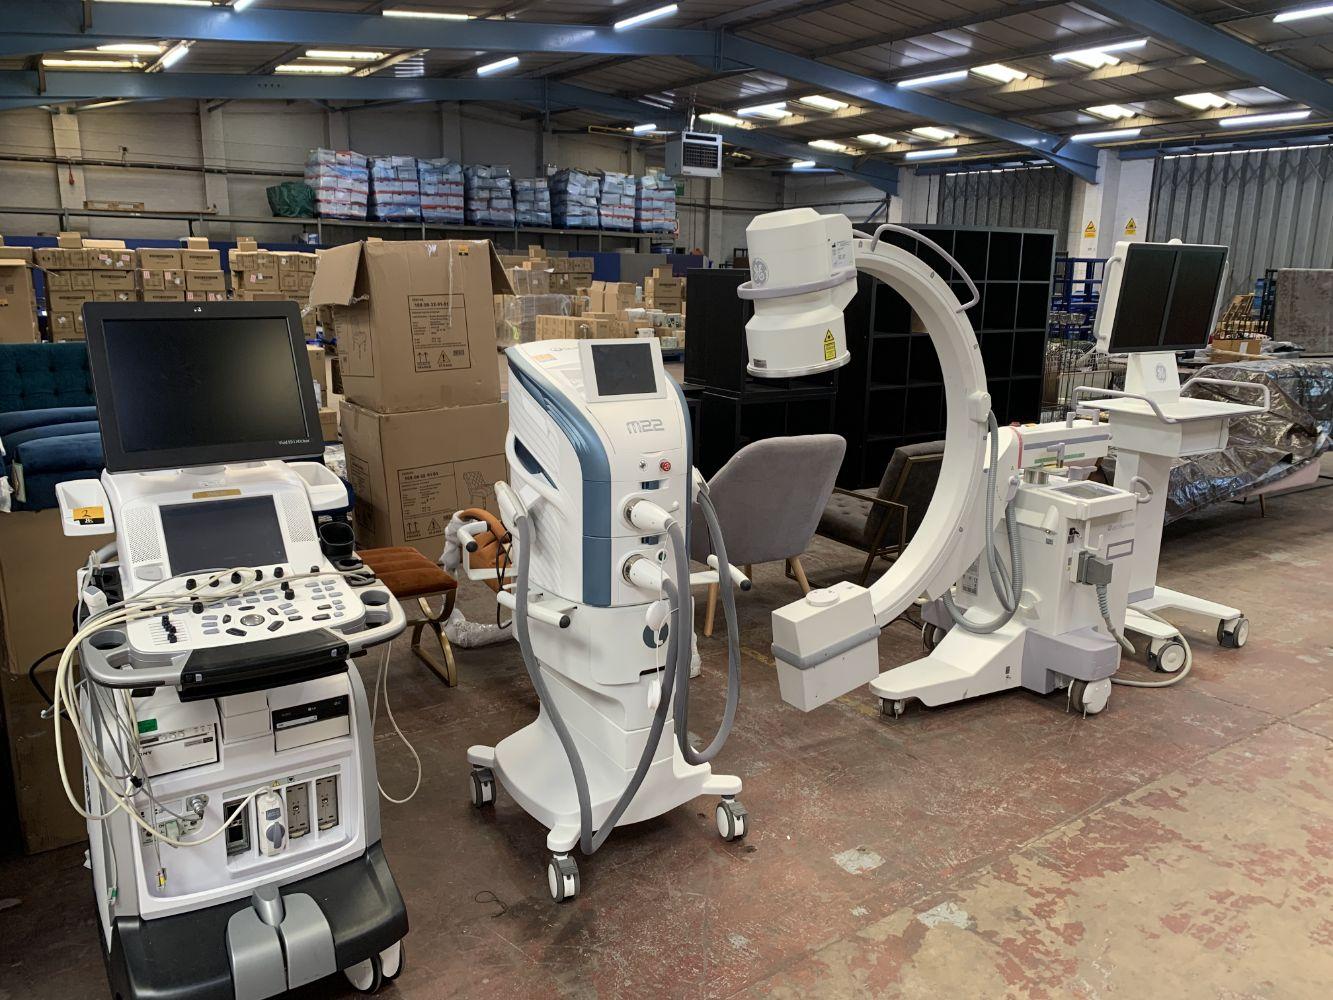 Hospital, Dental & Medical Aesthetic Equipment PLUS Hand Sanitiser (travel size)